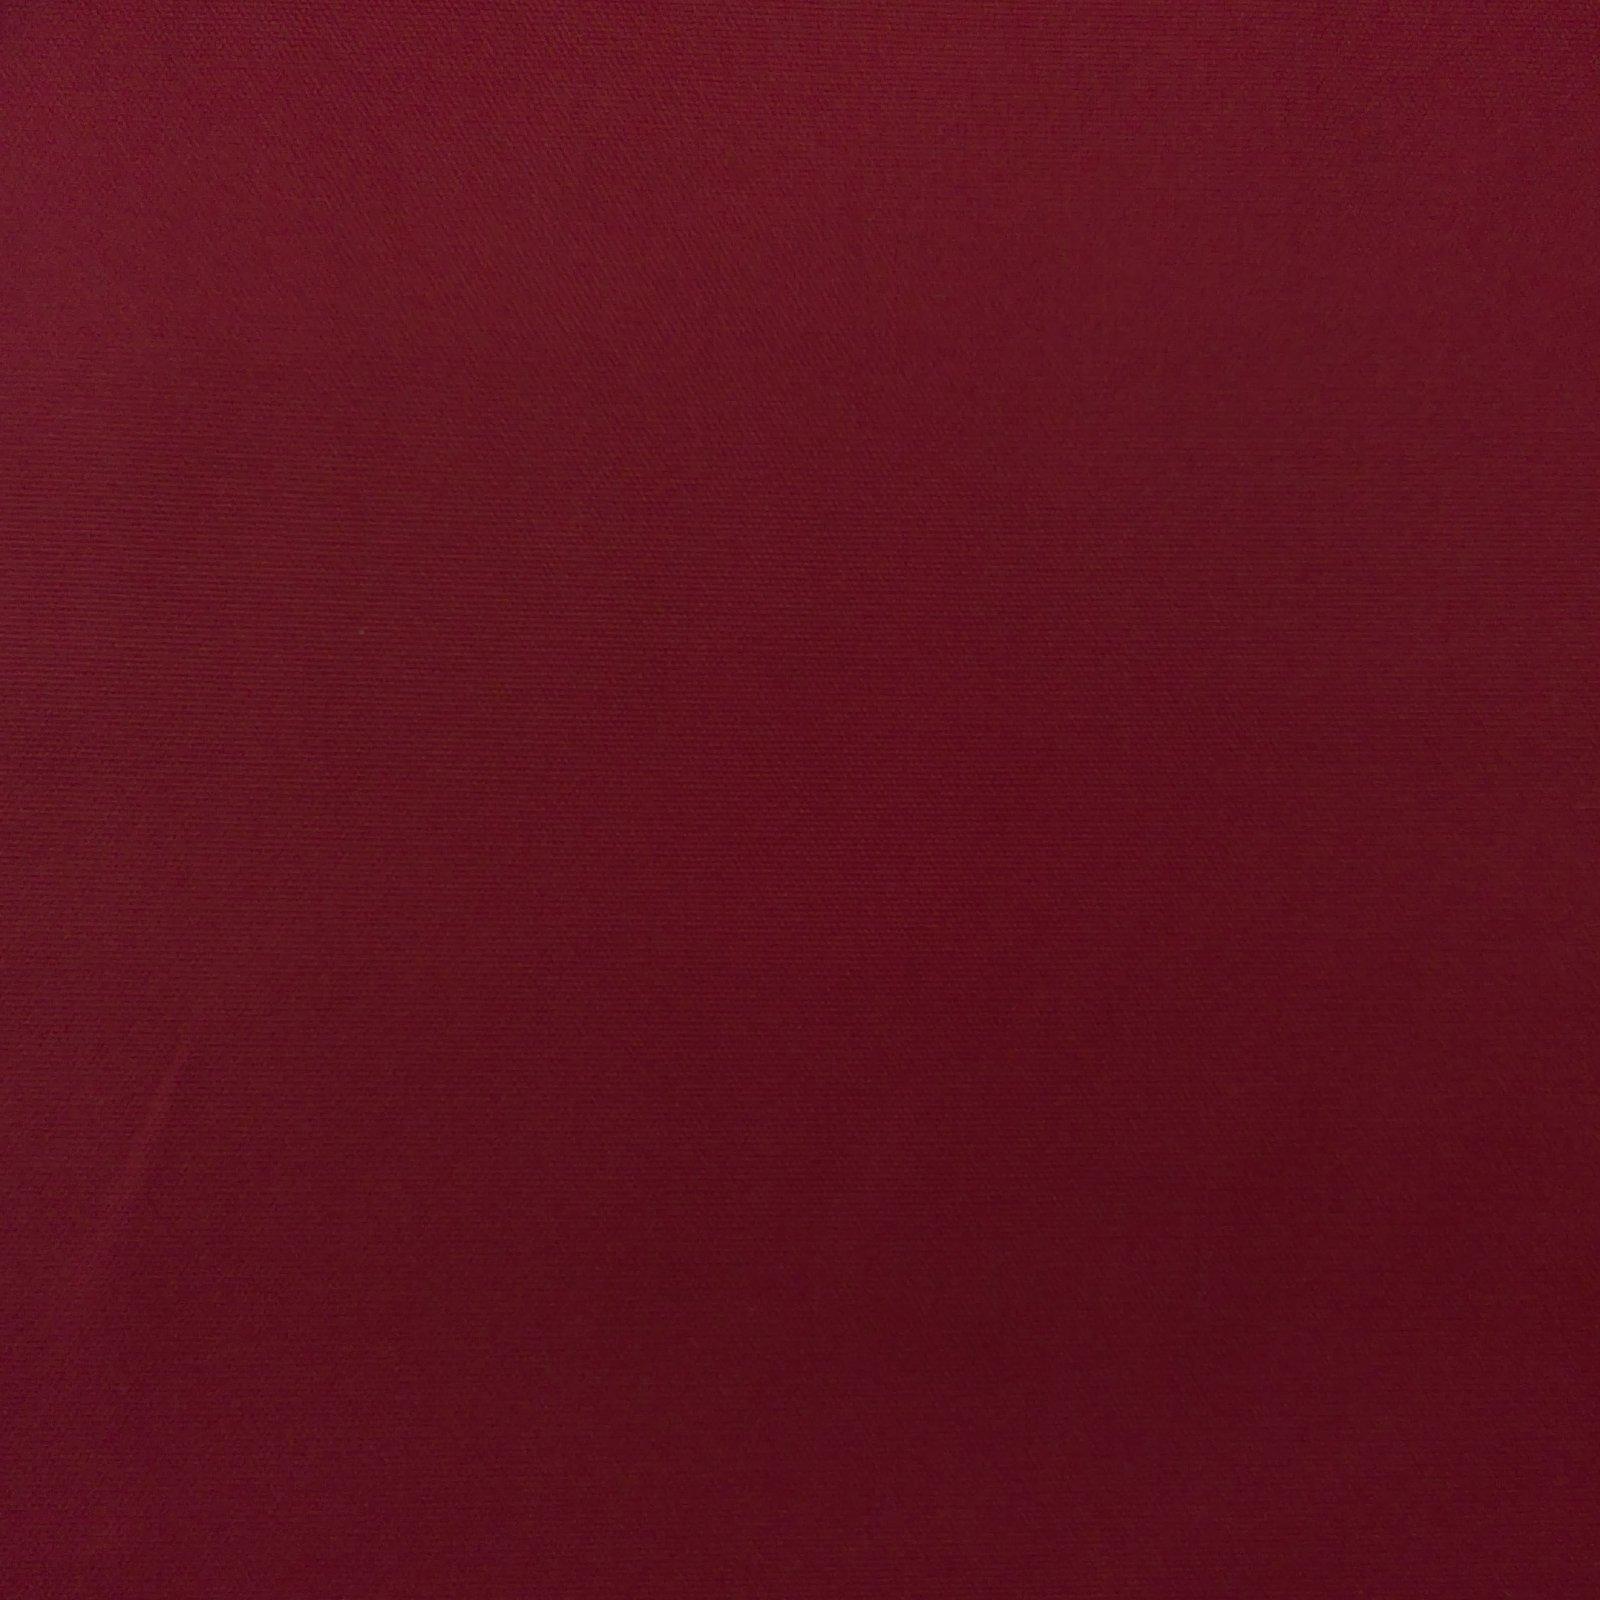 Canvas Solid 10 oz Bordeaux